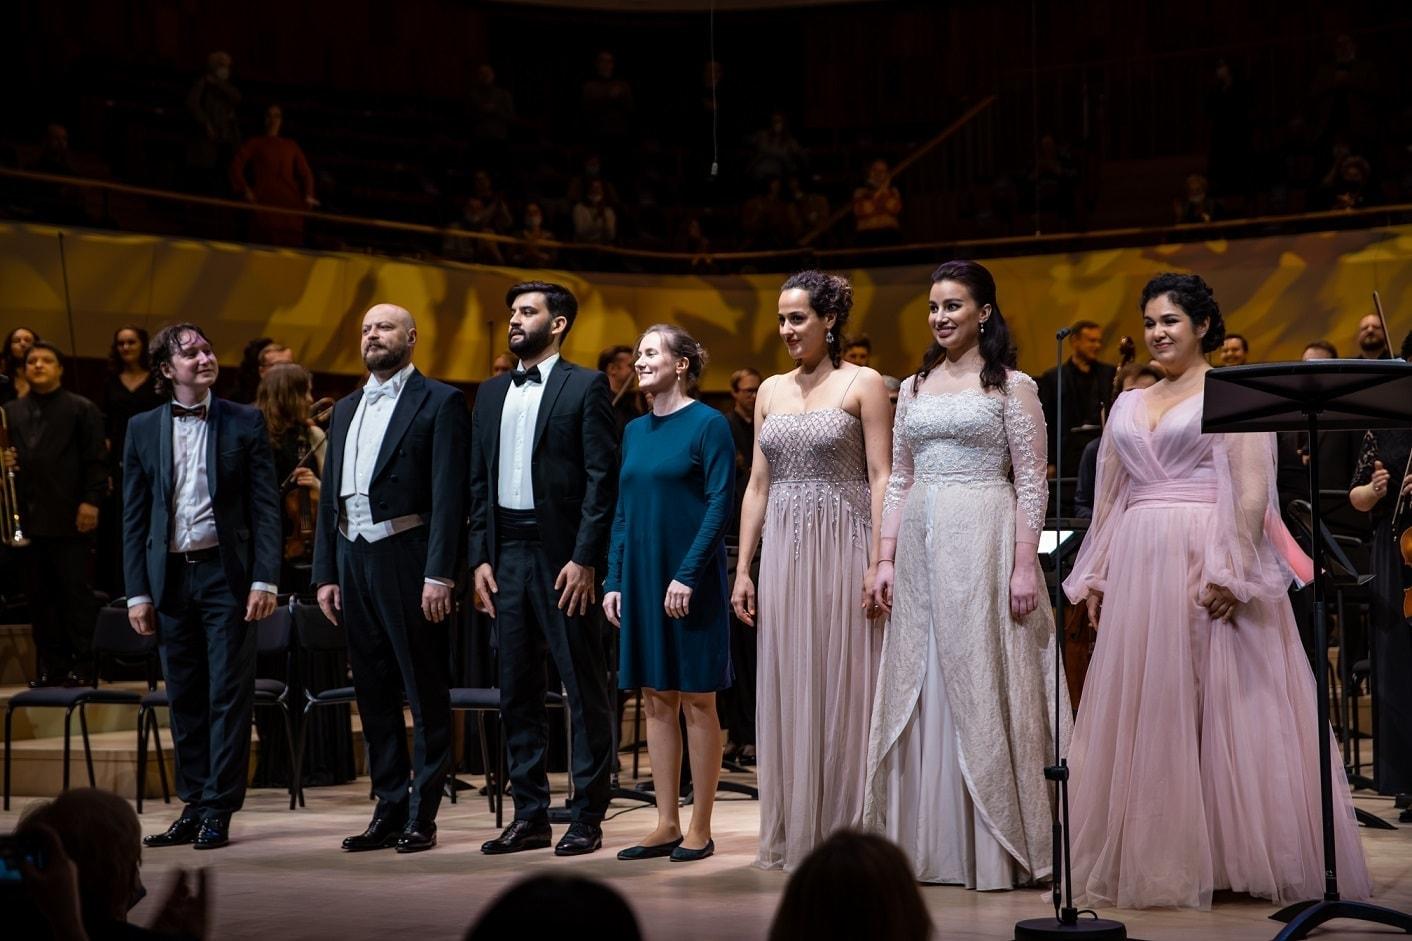 Ораторию Мендельсона «Илия» исполнили в концертном зале «Зарядье». Фото - Ира Полярная